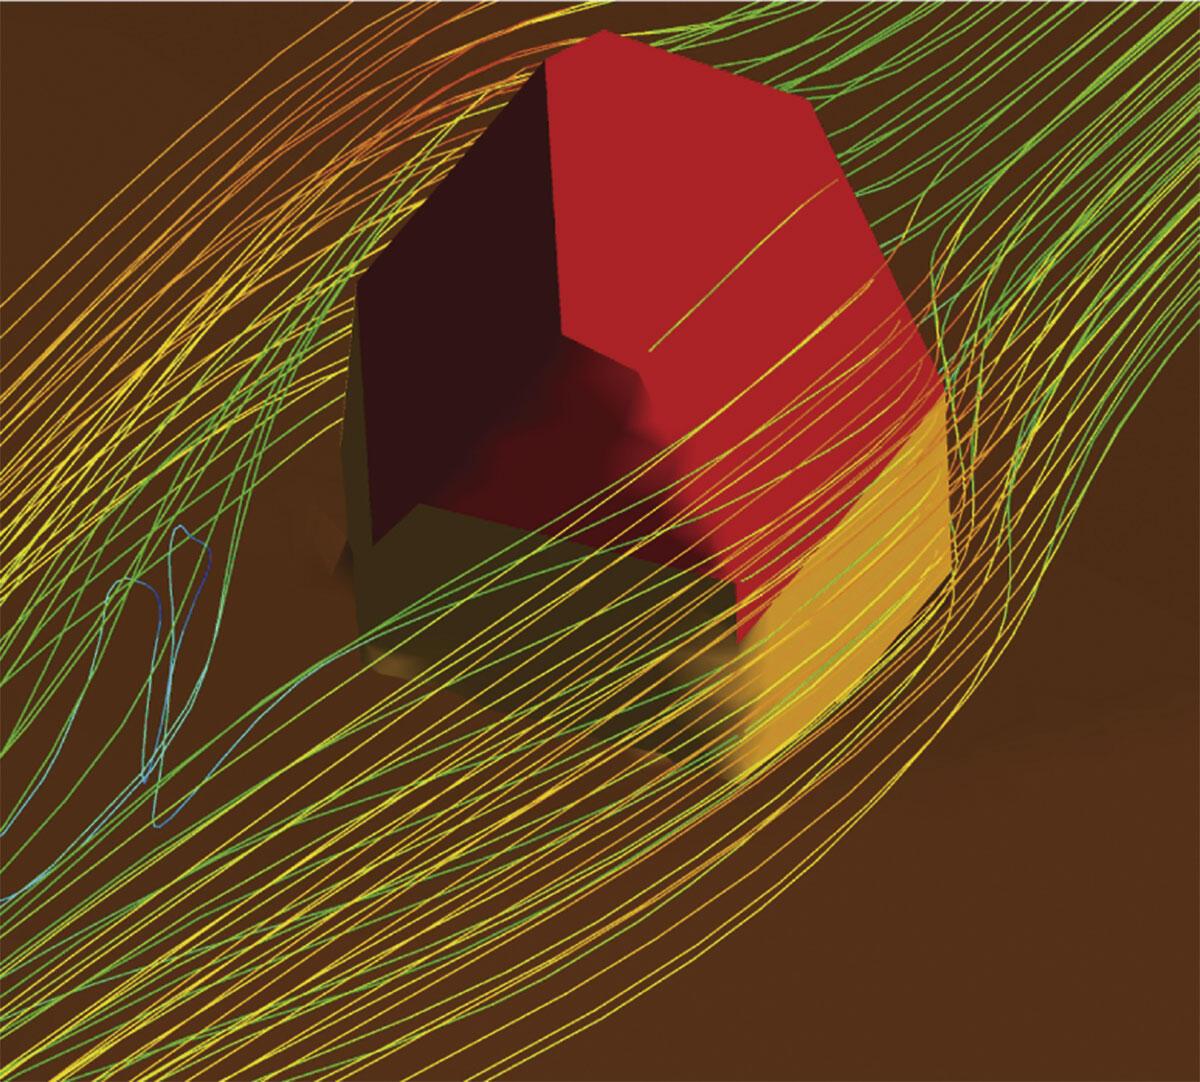 Bunte Welten: Computersimulation, mittlerweile als Kulturtechnik in den Wissenschaften etabliert, ist auch in der digitalen Architekturproduktion kaum mehr wegzudenken. Hier: Ausschnitt einer Computersimulation bei der Planung der Monte Rosa Hütte (2009).